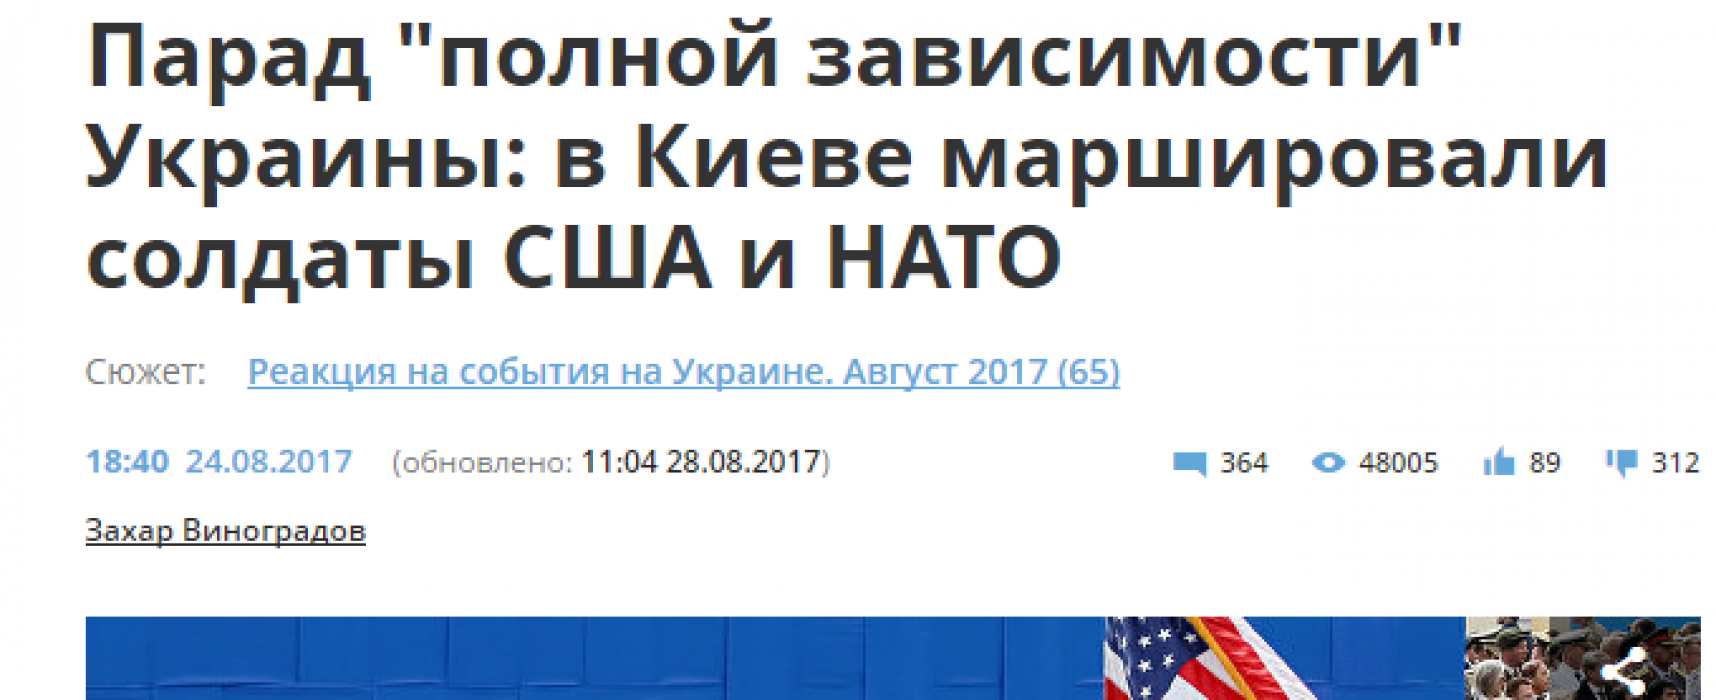 """""""Parade der Abhängigkeit"""": Wie russische Medien über die Militärparade zum ukrainischen Unabhängigkeitstag und die Teilnahme von NATO-Staaten berichten"""